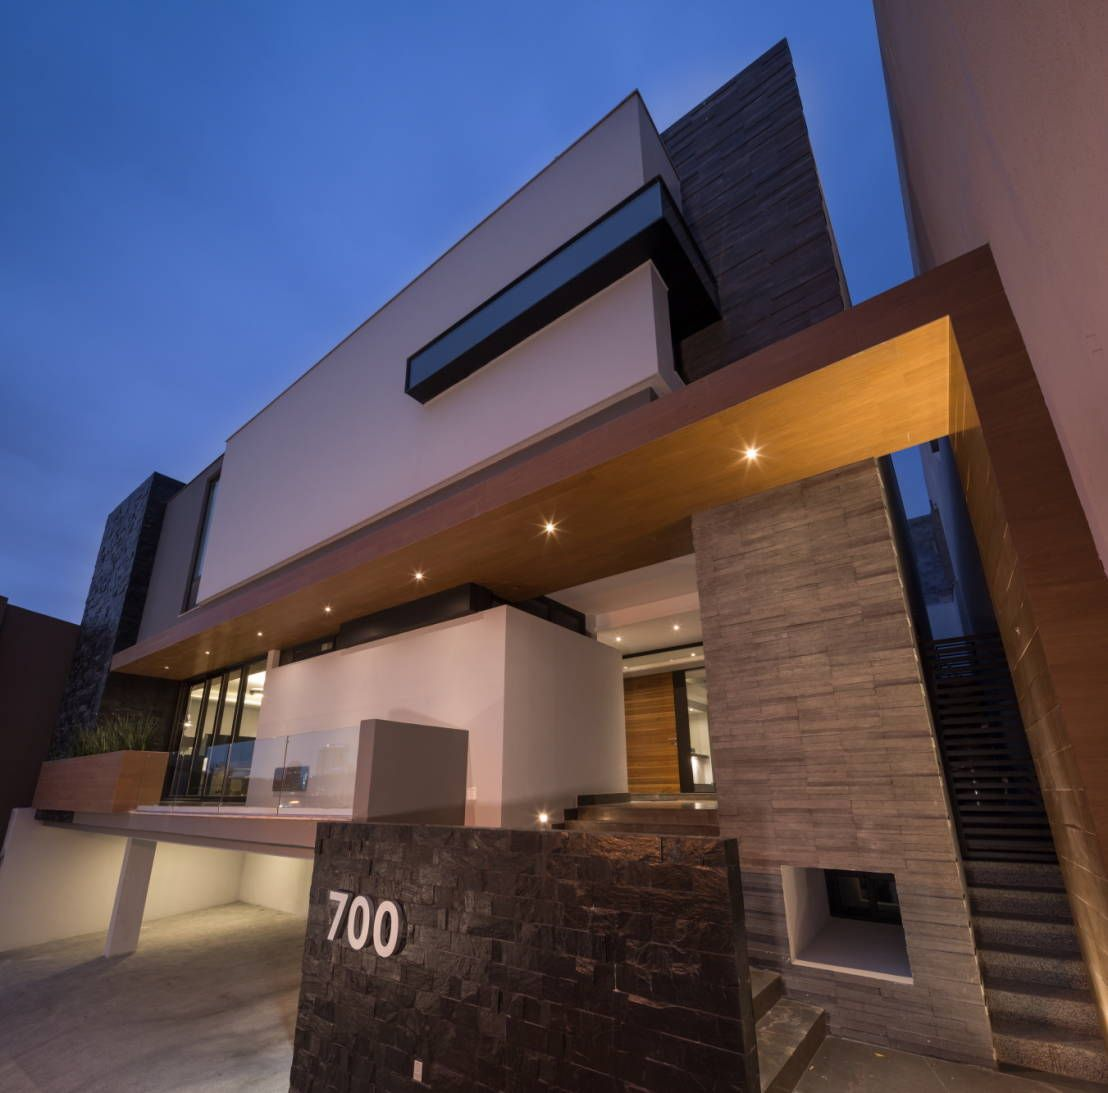 Traumhaus: Moderner Komfort für die ganze Familie | Bungalow and House